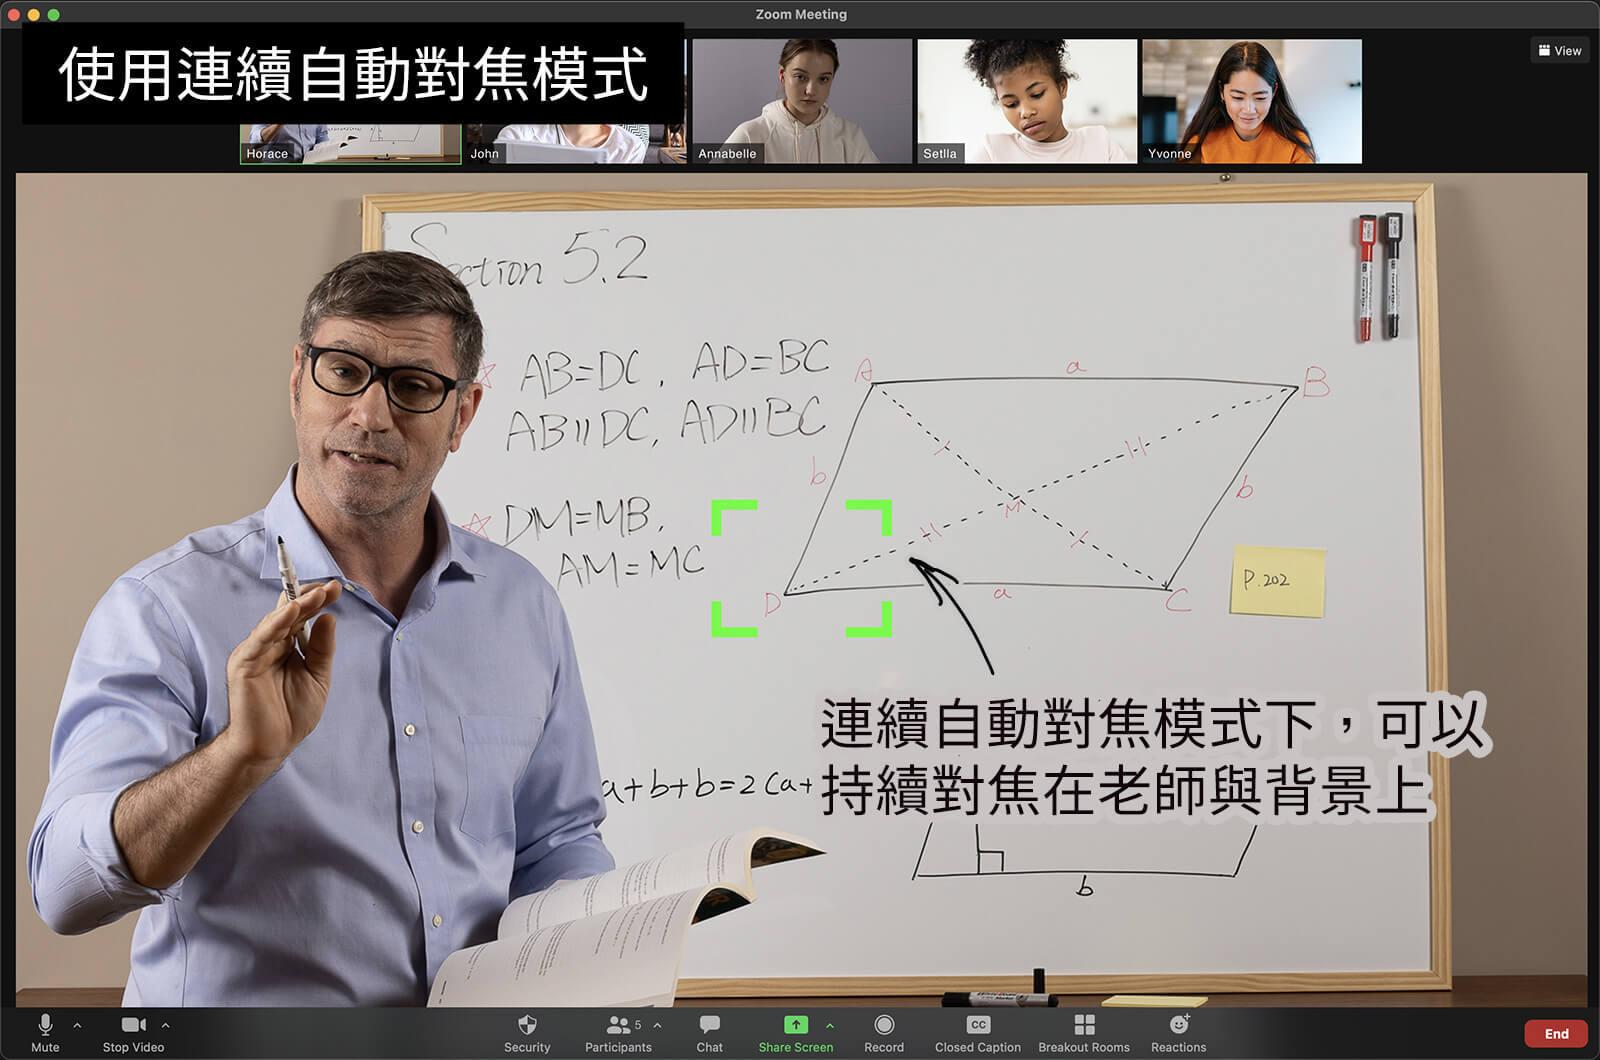 使用連續自動對焦模式:連續自動對焦模式下,可以持續對焦在老師與背景上